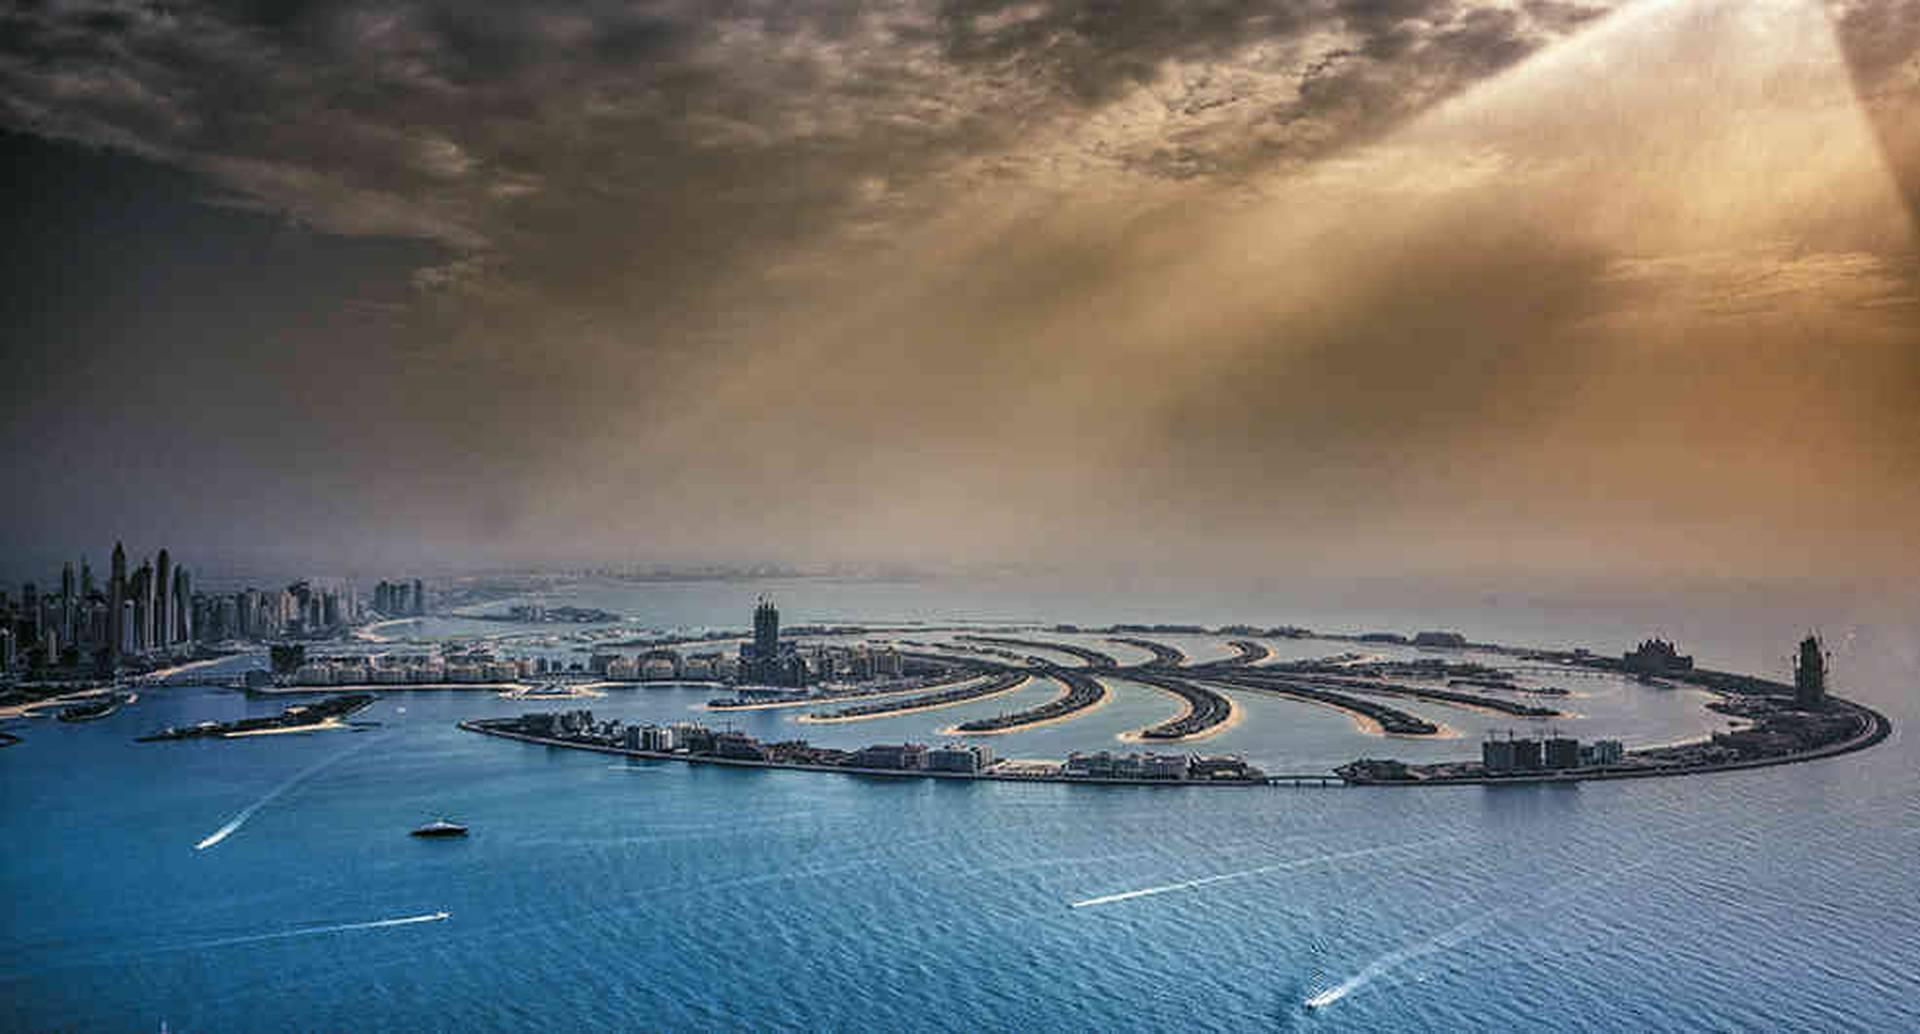 Palma Jumeirah, una isla artificial construida en la costa de Dubái. En ella hay lujosas casas, hoteles y restaurantes.